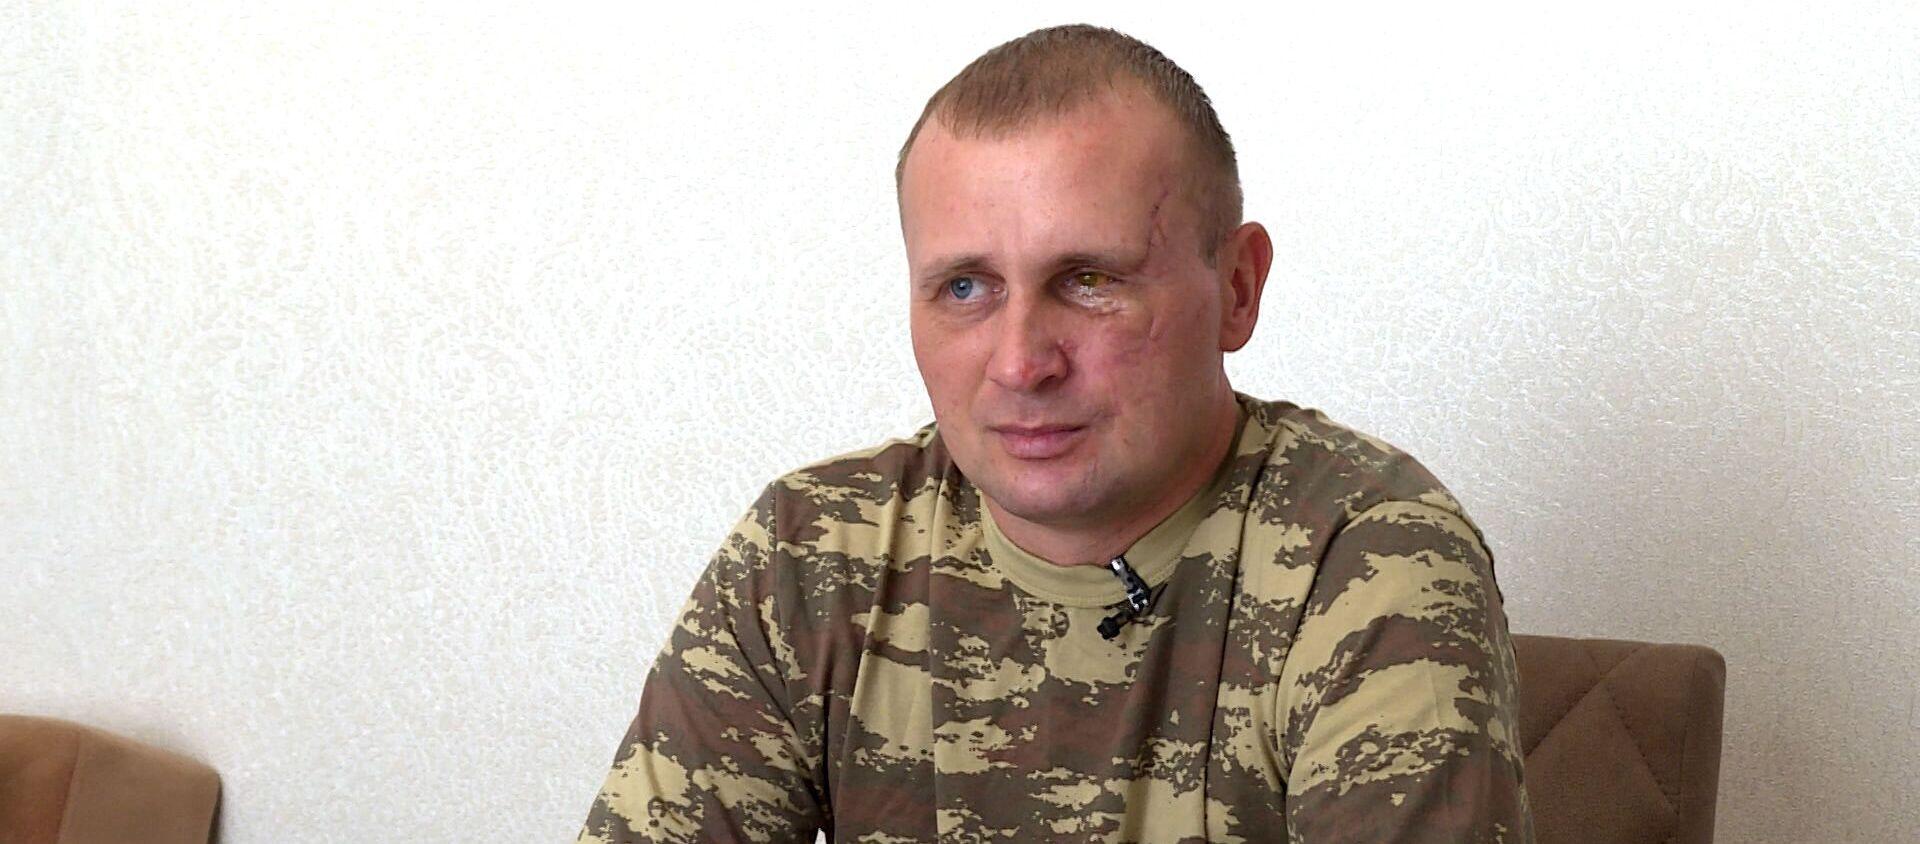 Потерял зрение и запястье, но выжил – ветеран о боях в Шуше - Sputnik Азербайджан, 1920, 11.02.2021